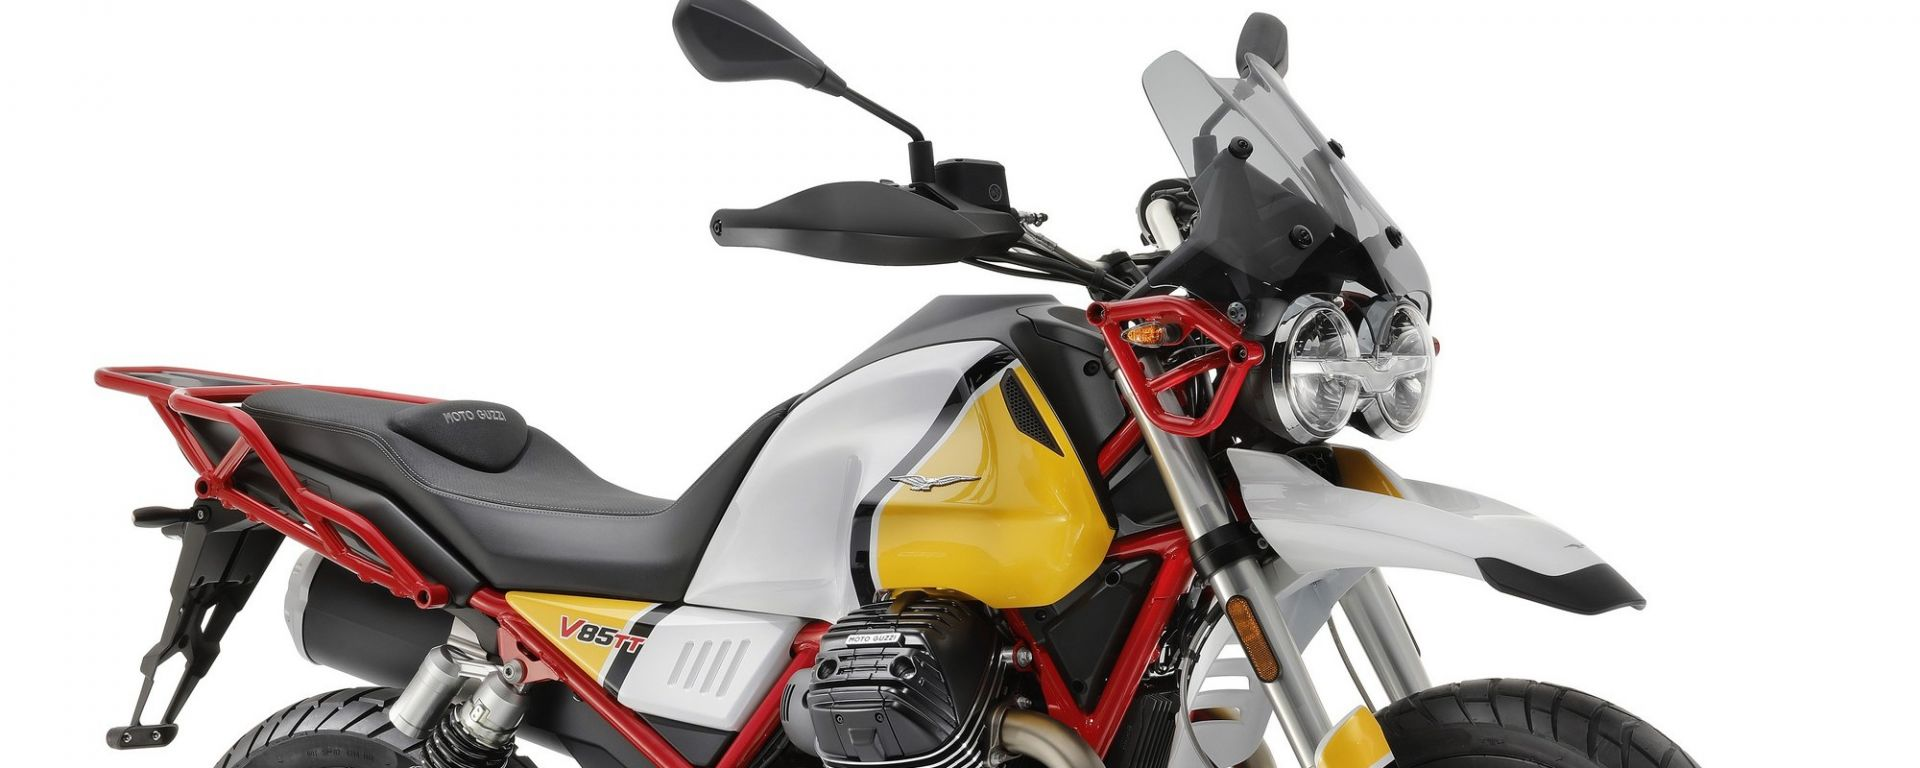 Moto Guzzi V85 TT: una Travel Enduro per Eicma 2018 [VIDEO]